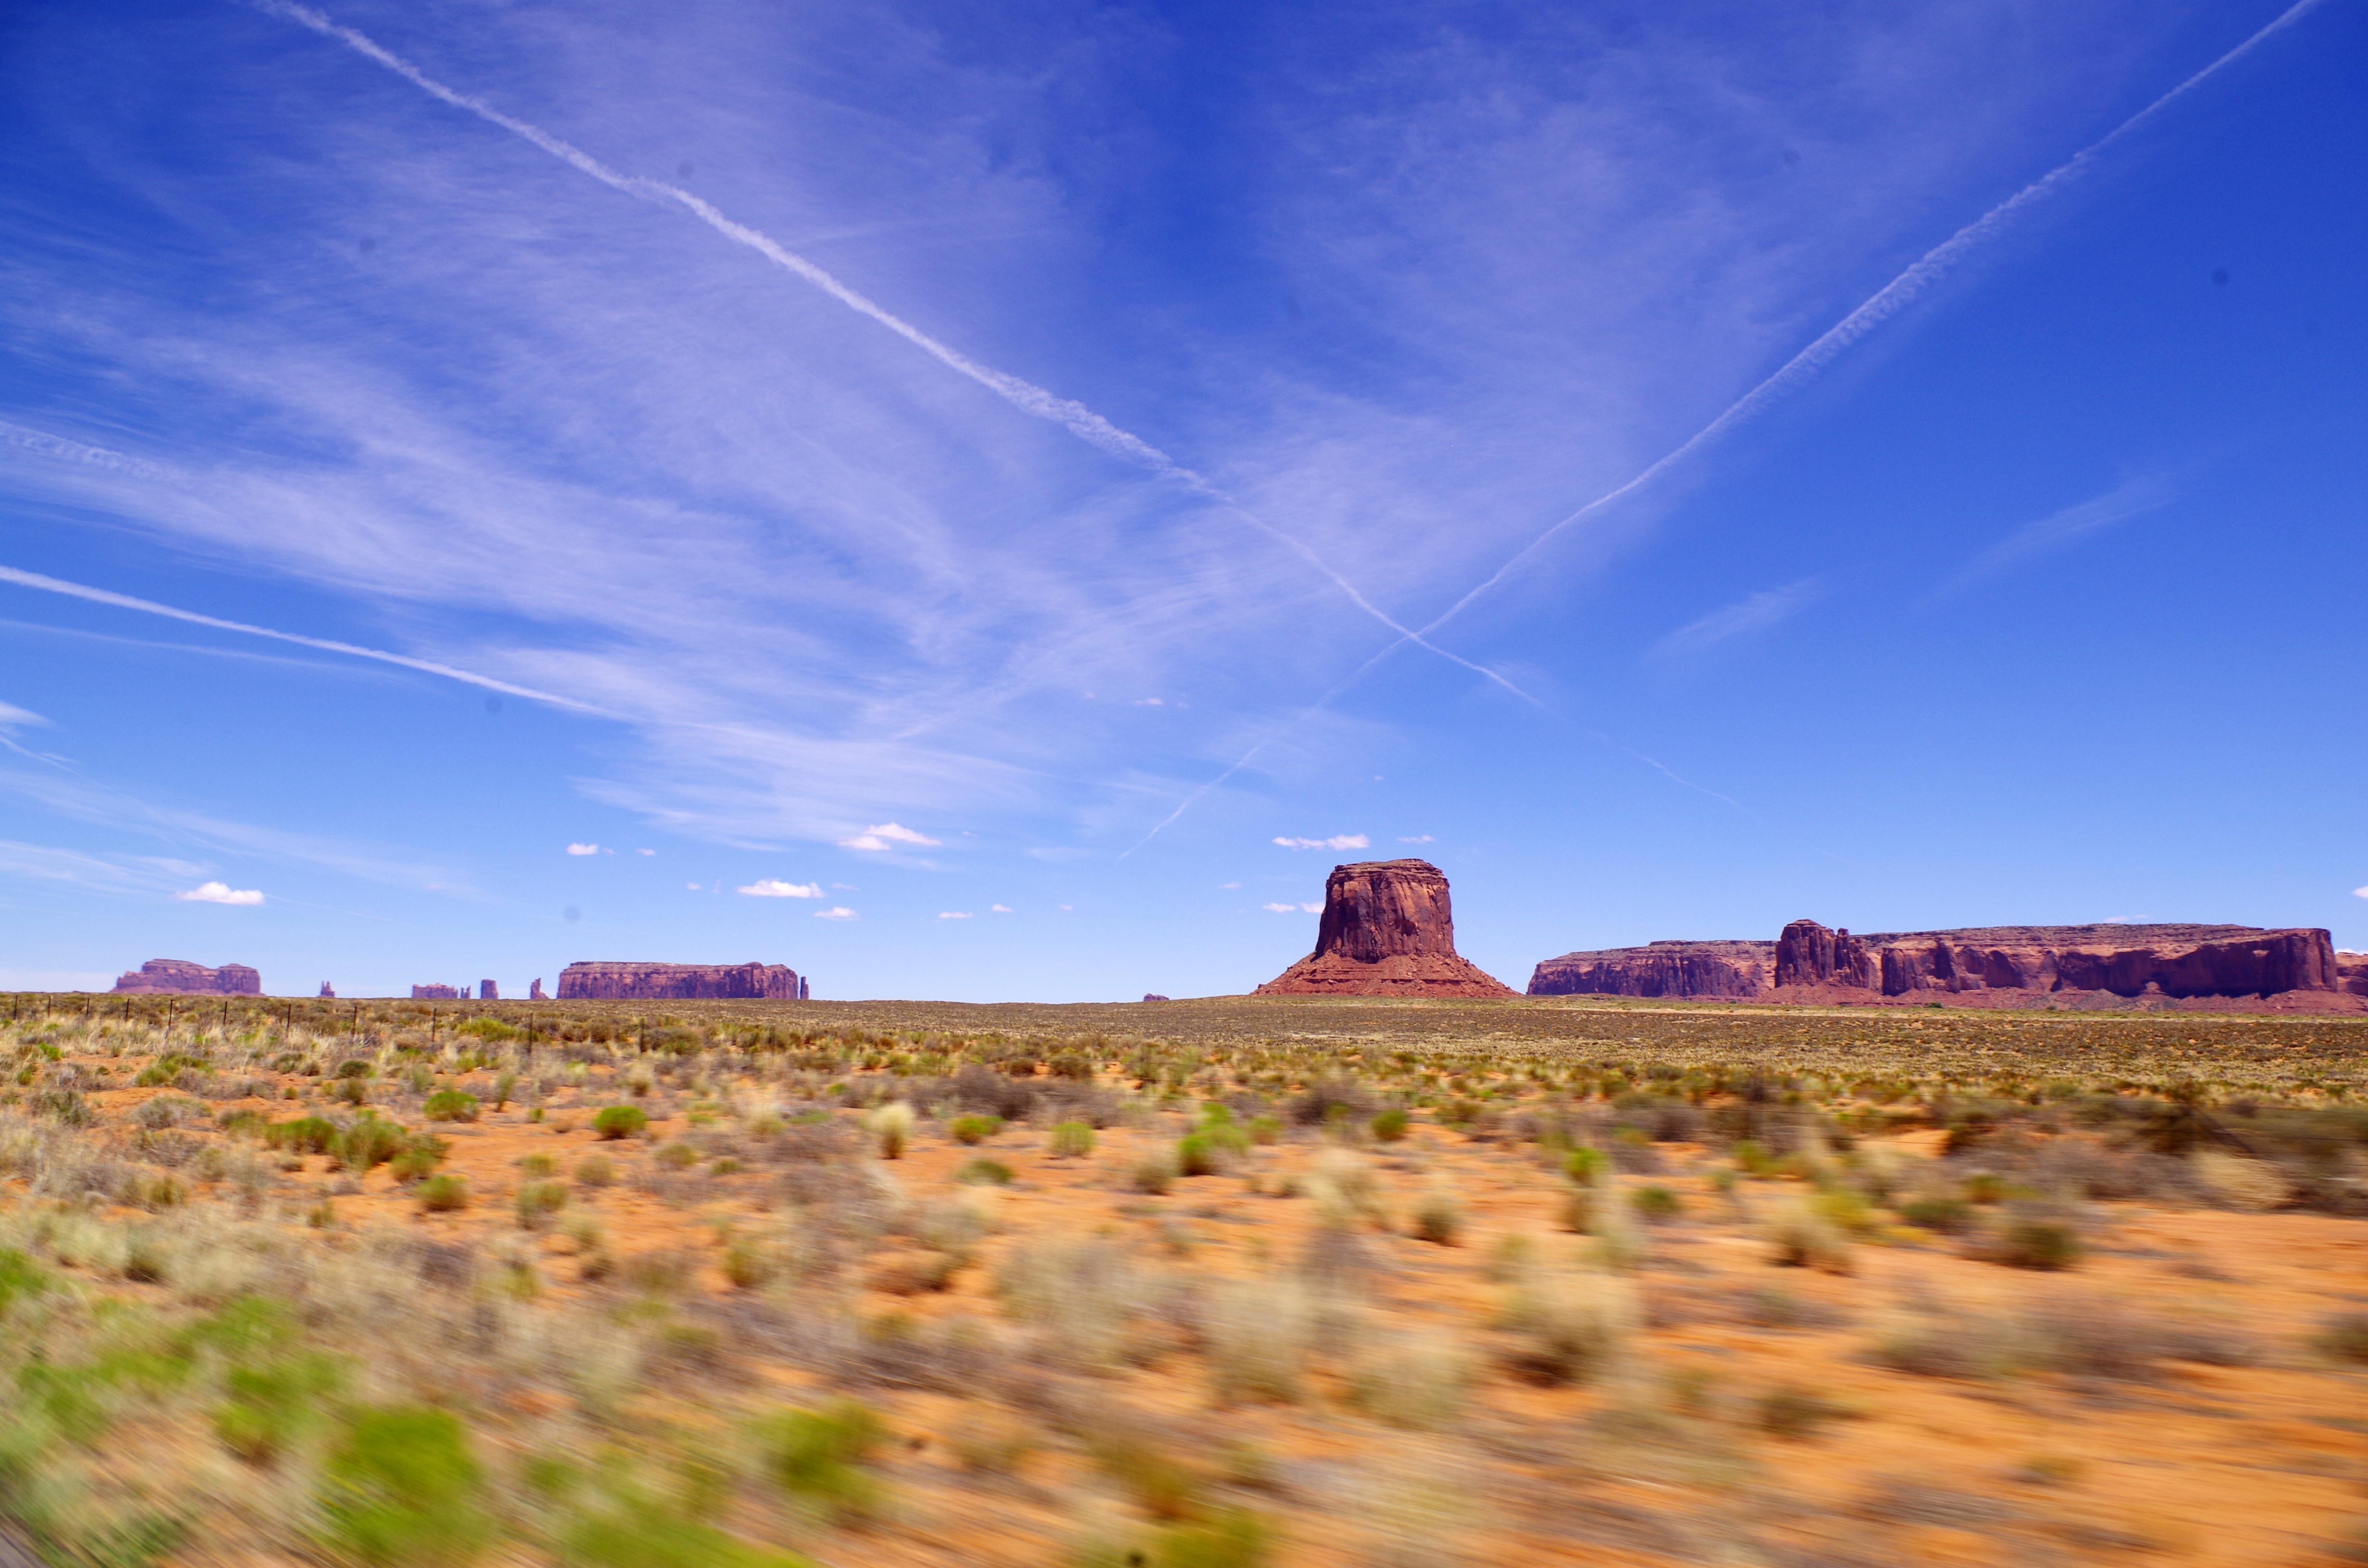 Auf dem Weg zum Monument Valley solltet ihr oft genug für diese einzigartige Natur anhalten und Fotos machen